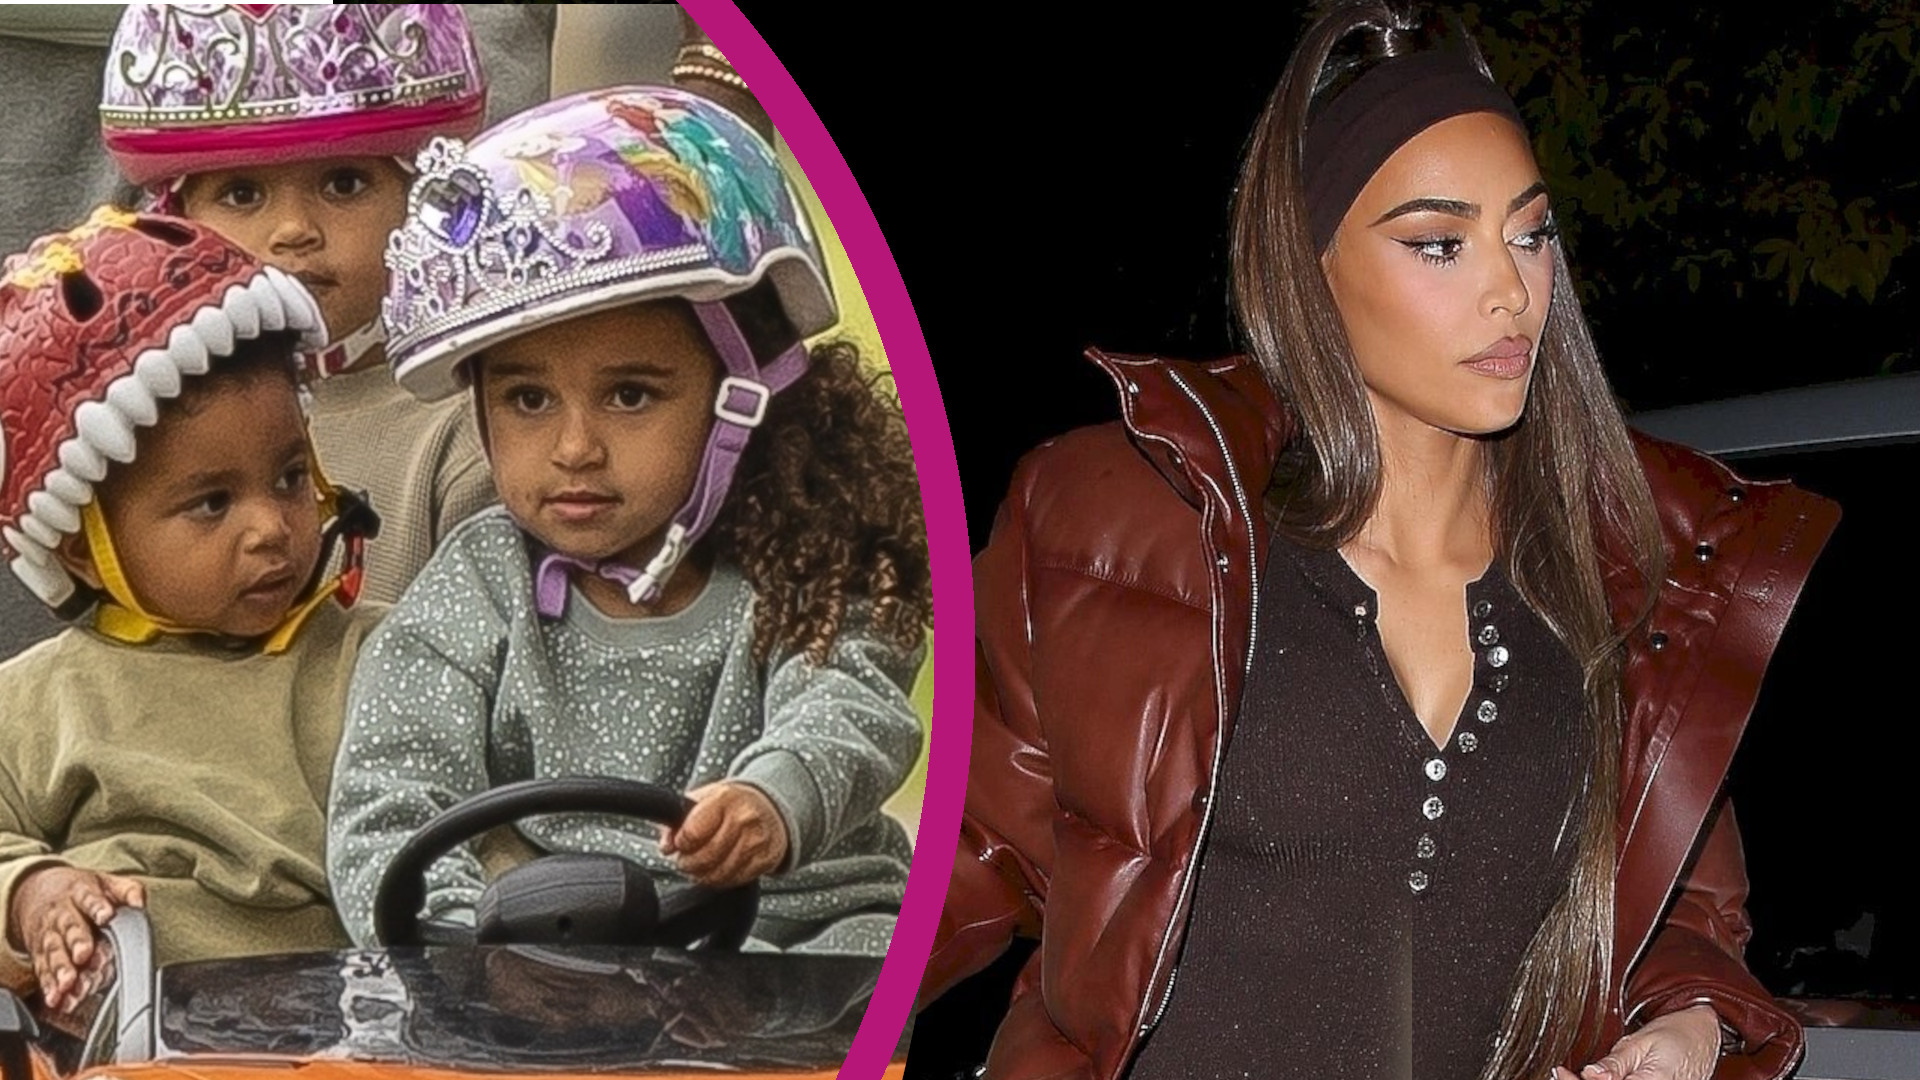 Dzieci Kim i Kanye mają NOWE opiekunki. Powód zaskakuje (ZDJĘCIA)